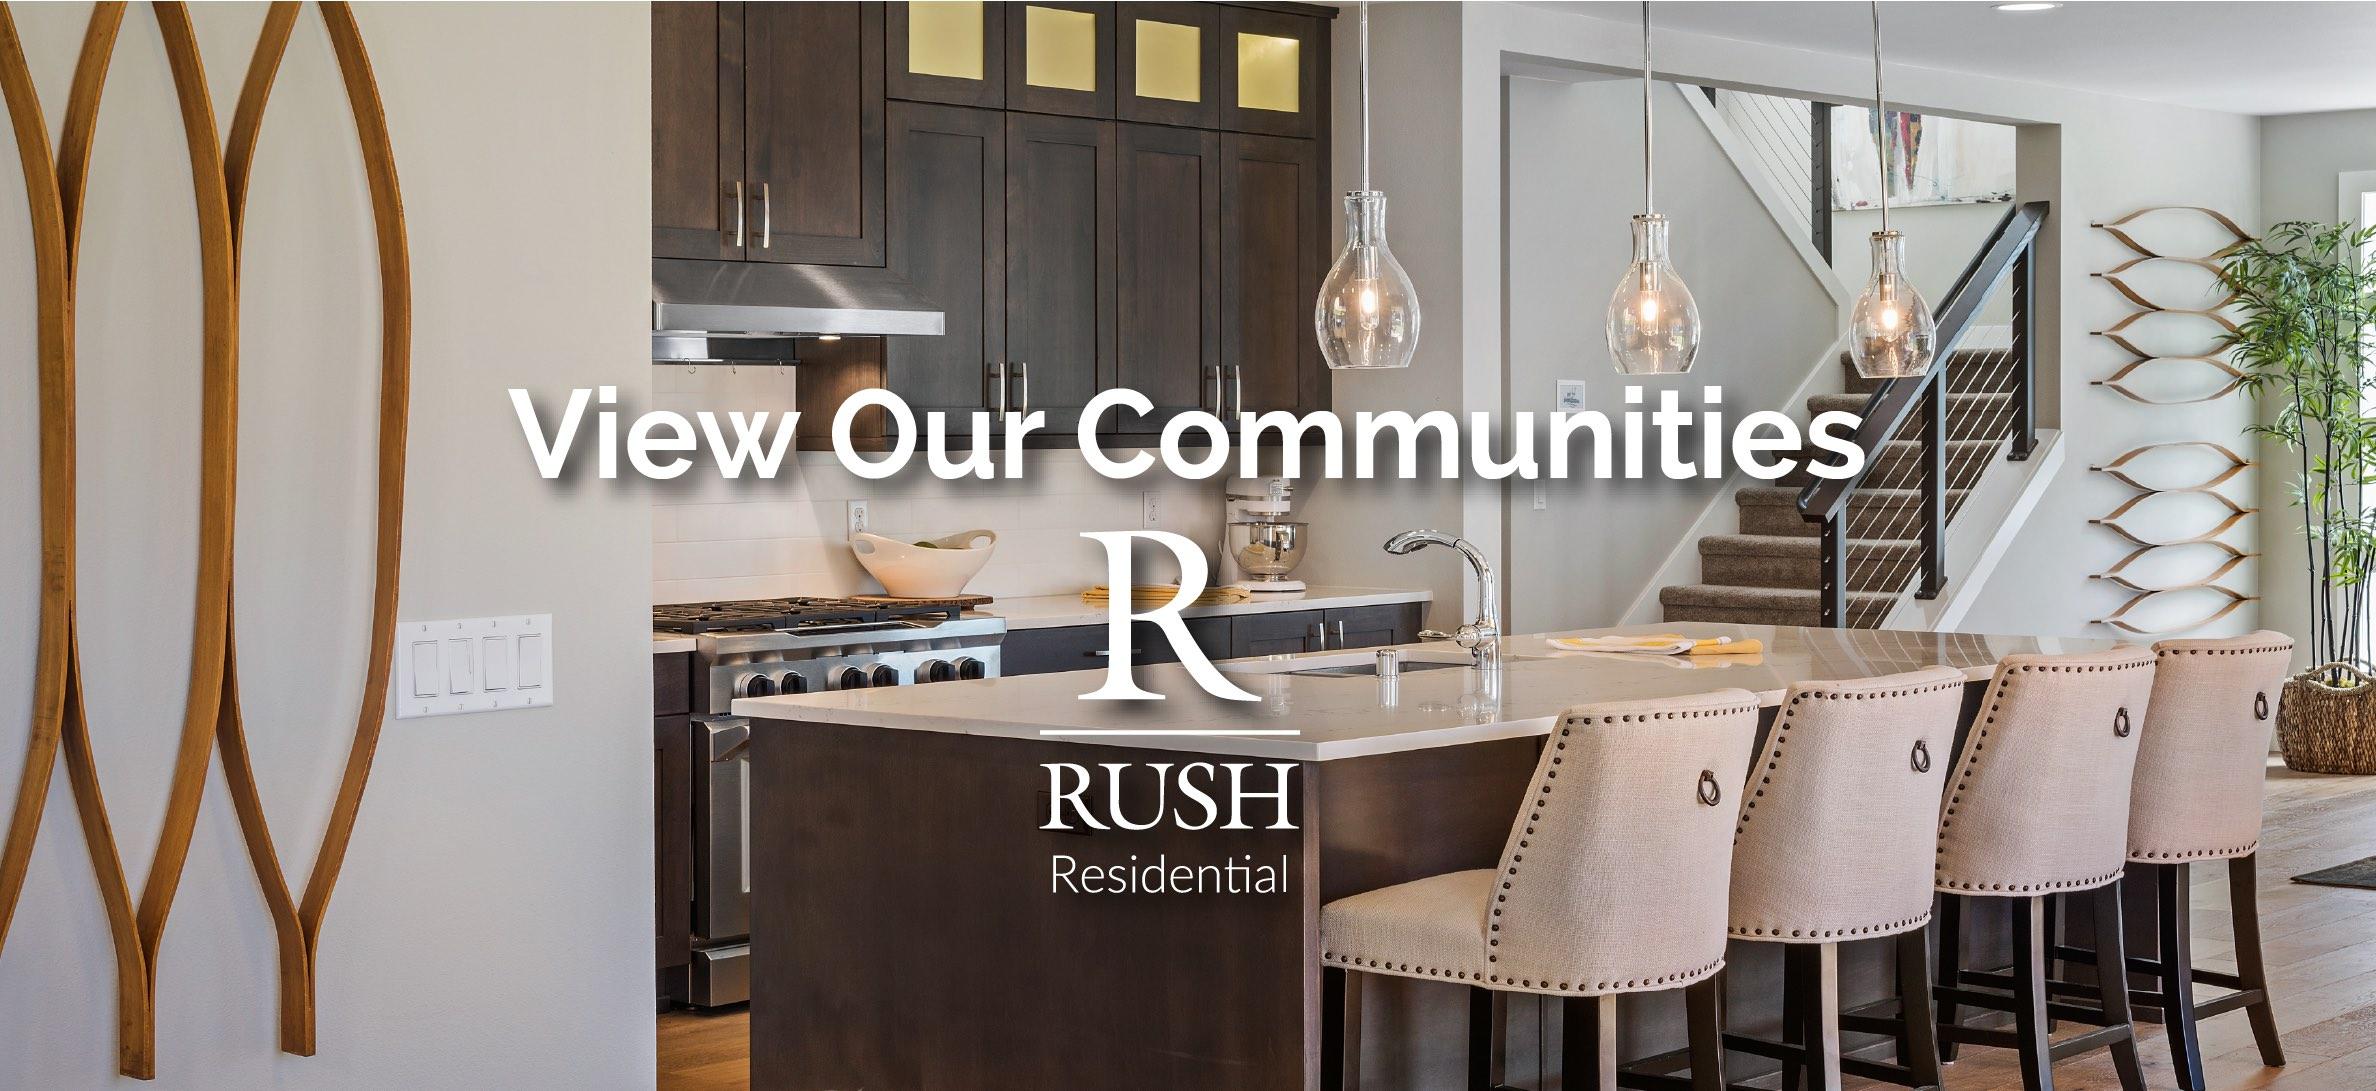 Rush View Communities